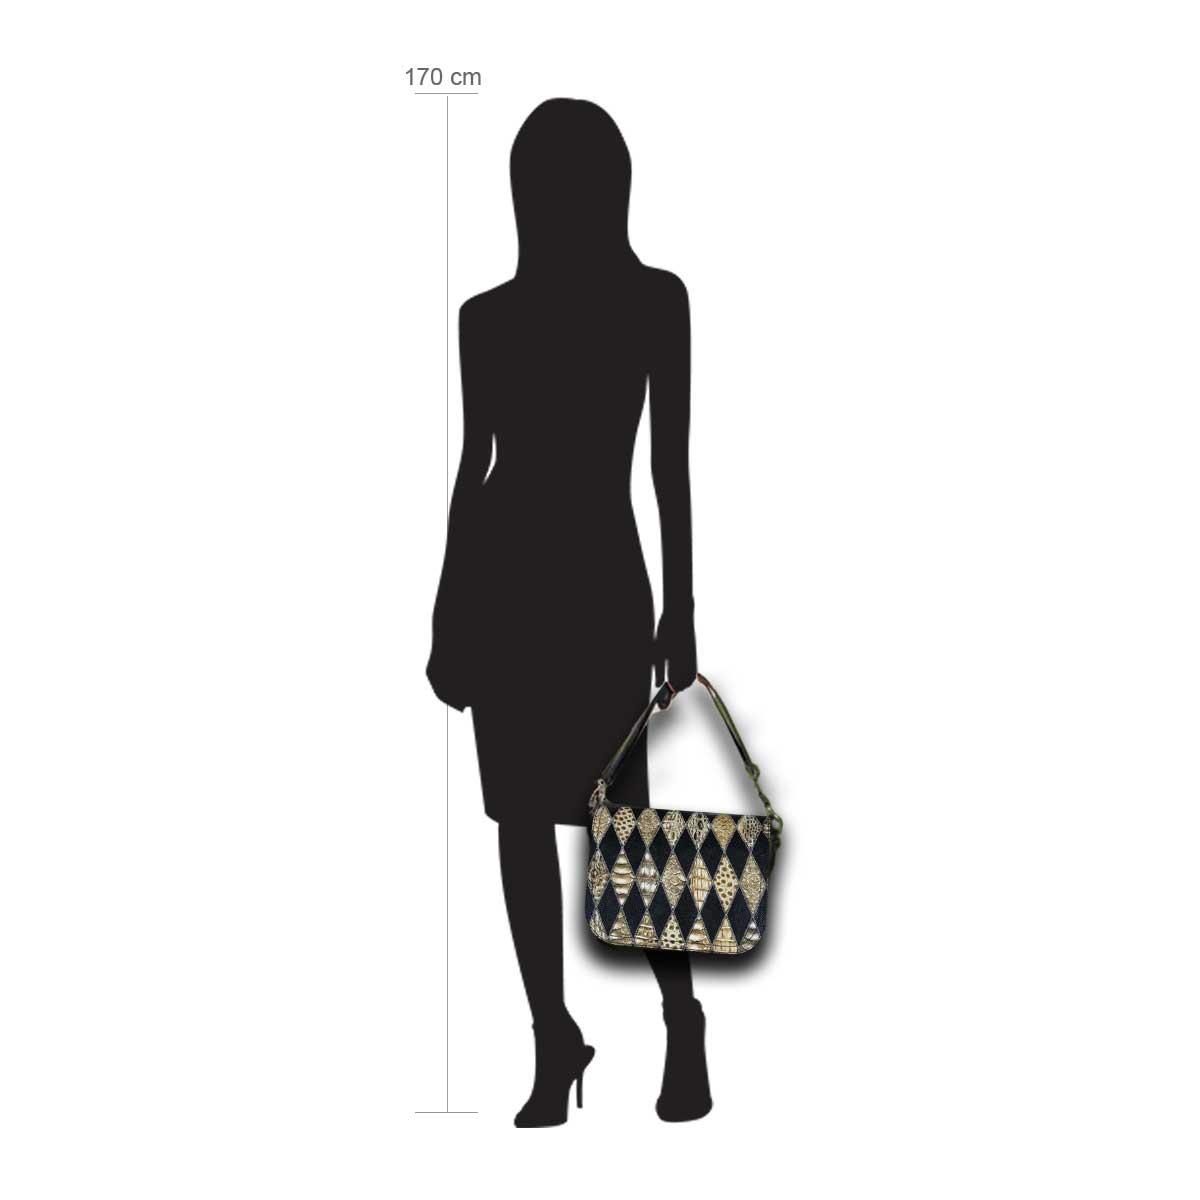 Modellpuppe 170 cm groß zeigt die Handtaschengröße an der Person Modell:Denver schwarz braun